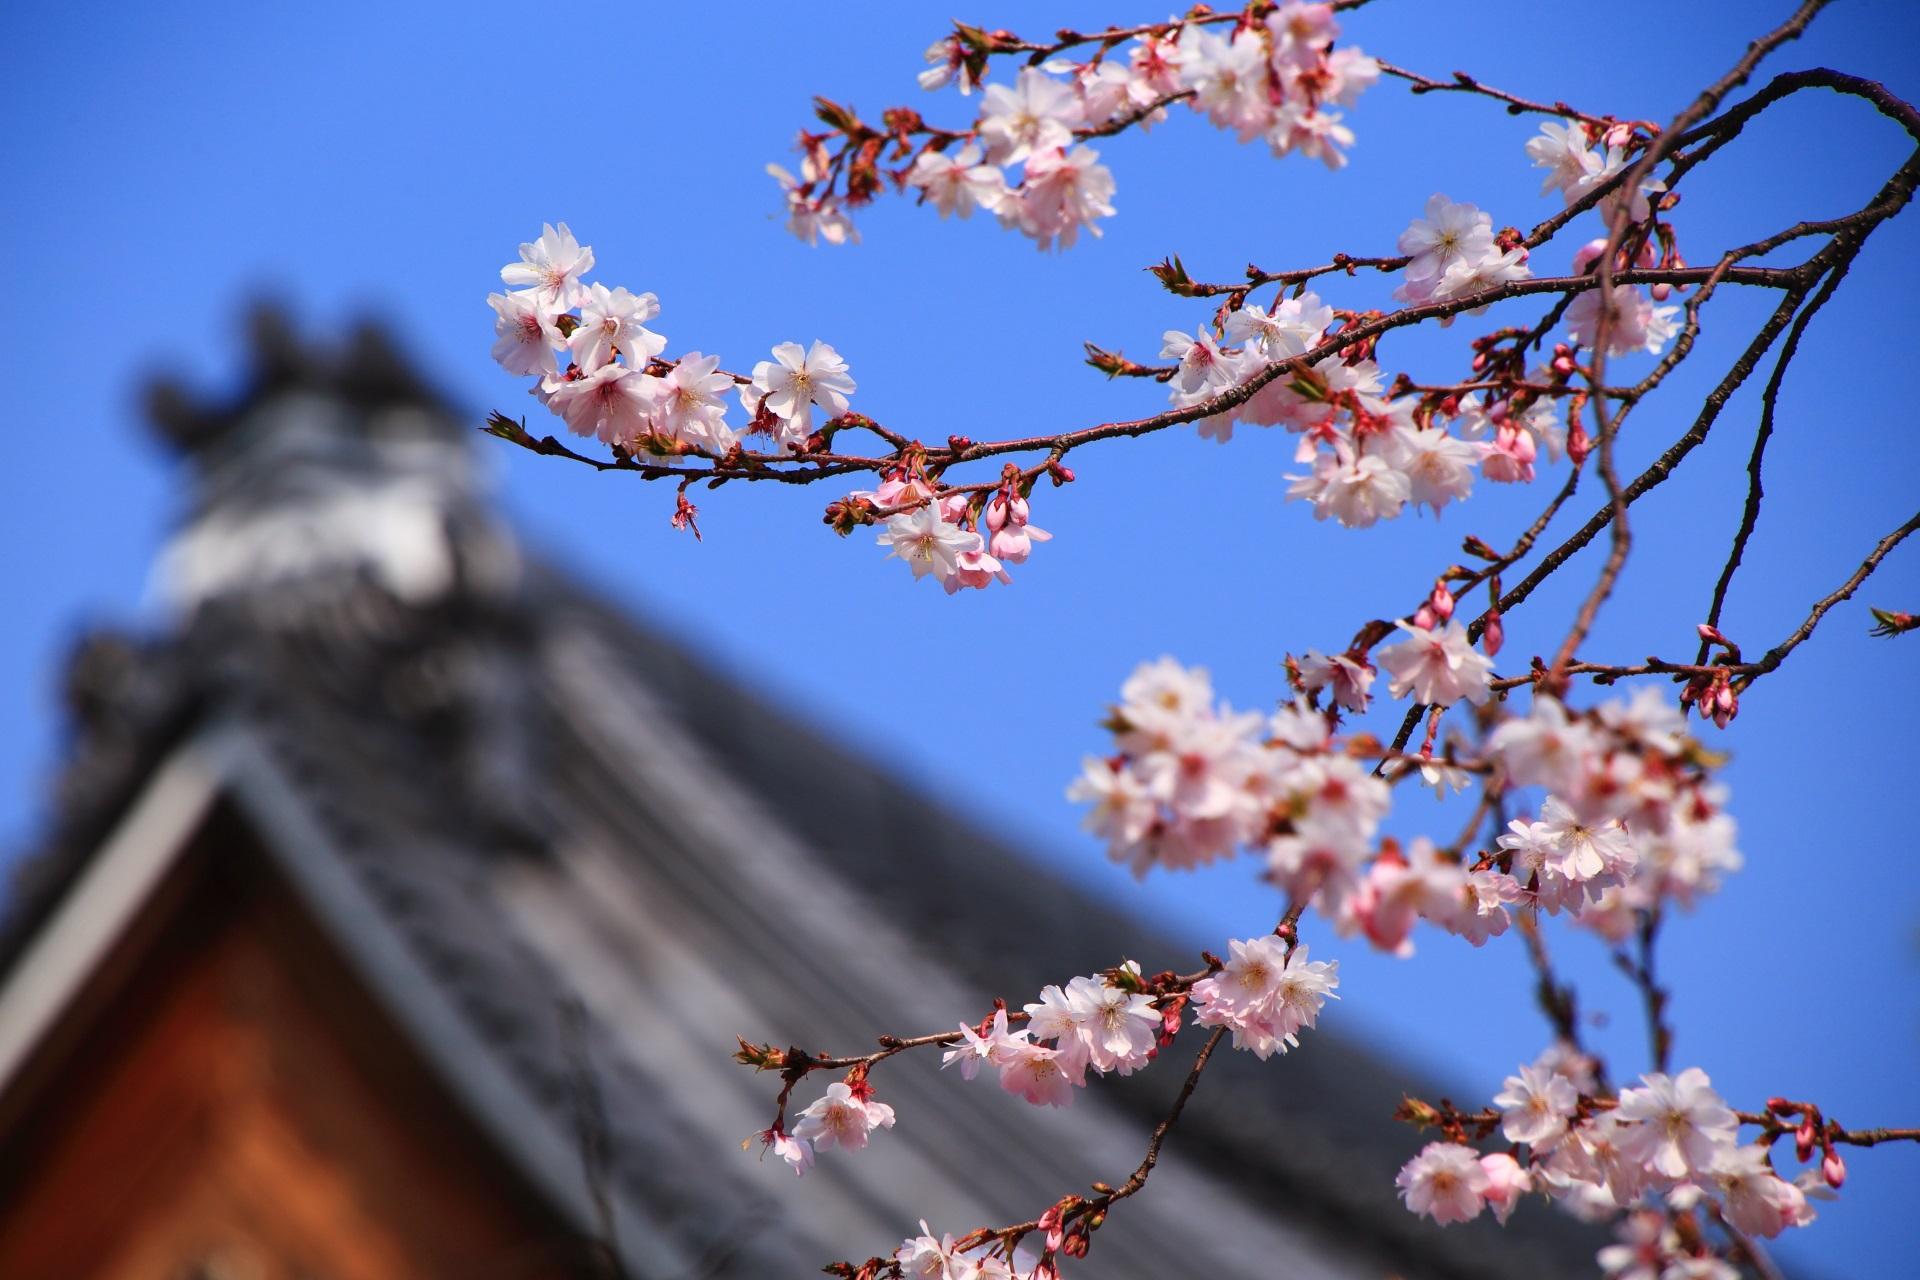 青空に映える可愛いピンクや白の御会式桜